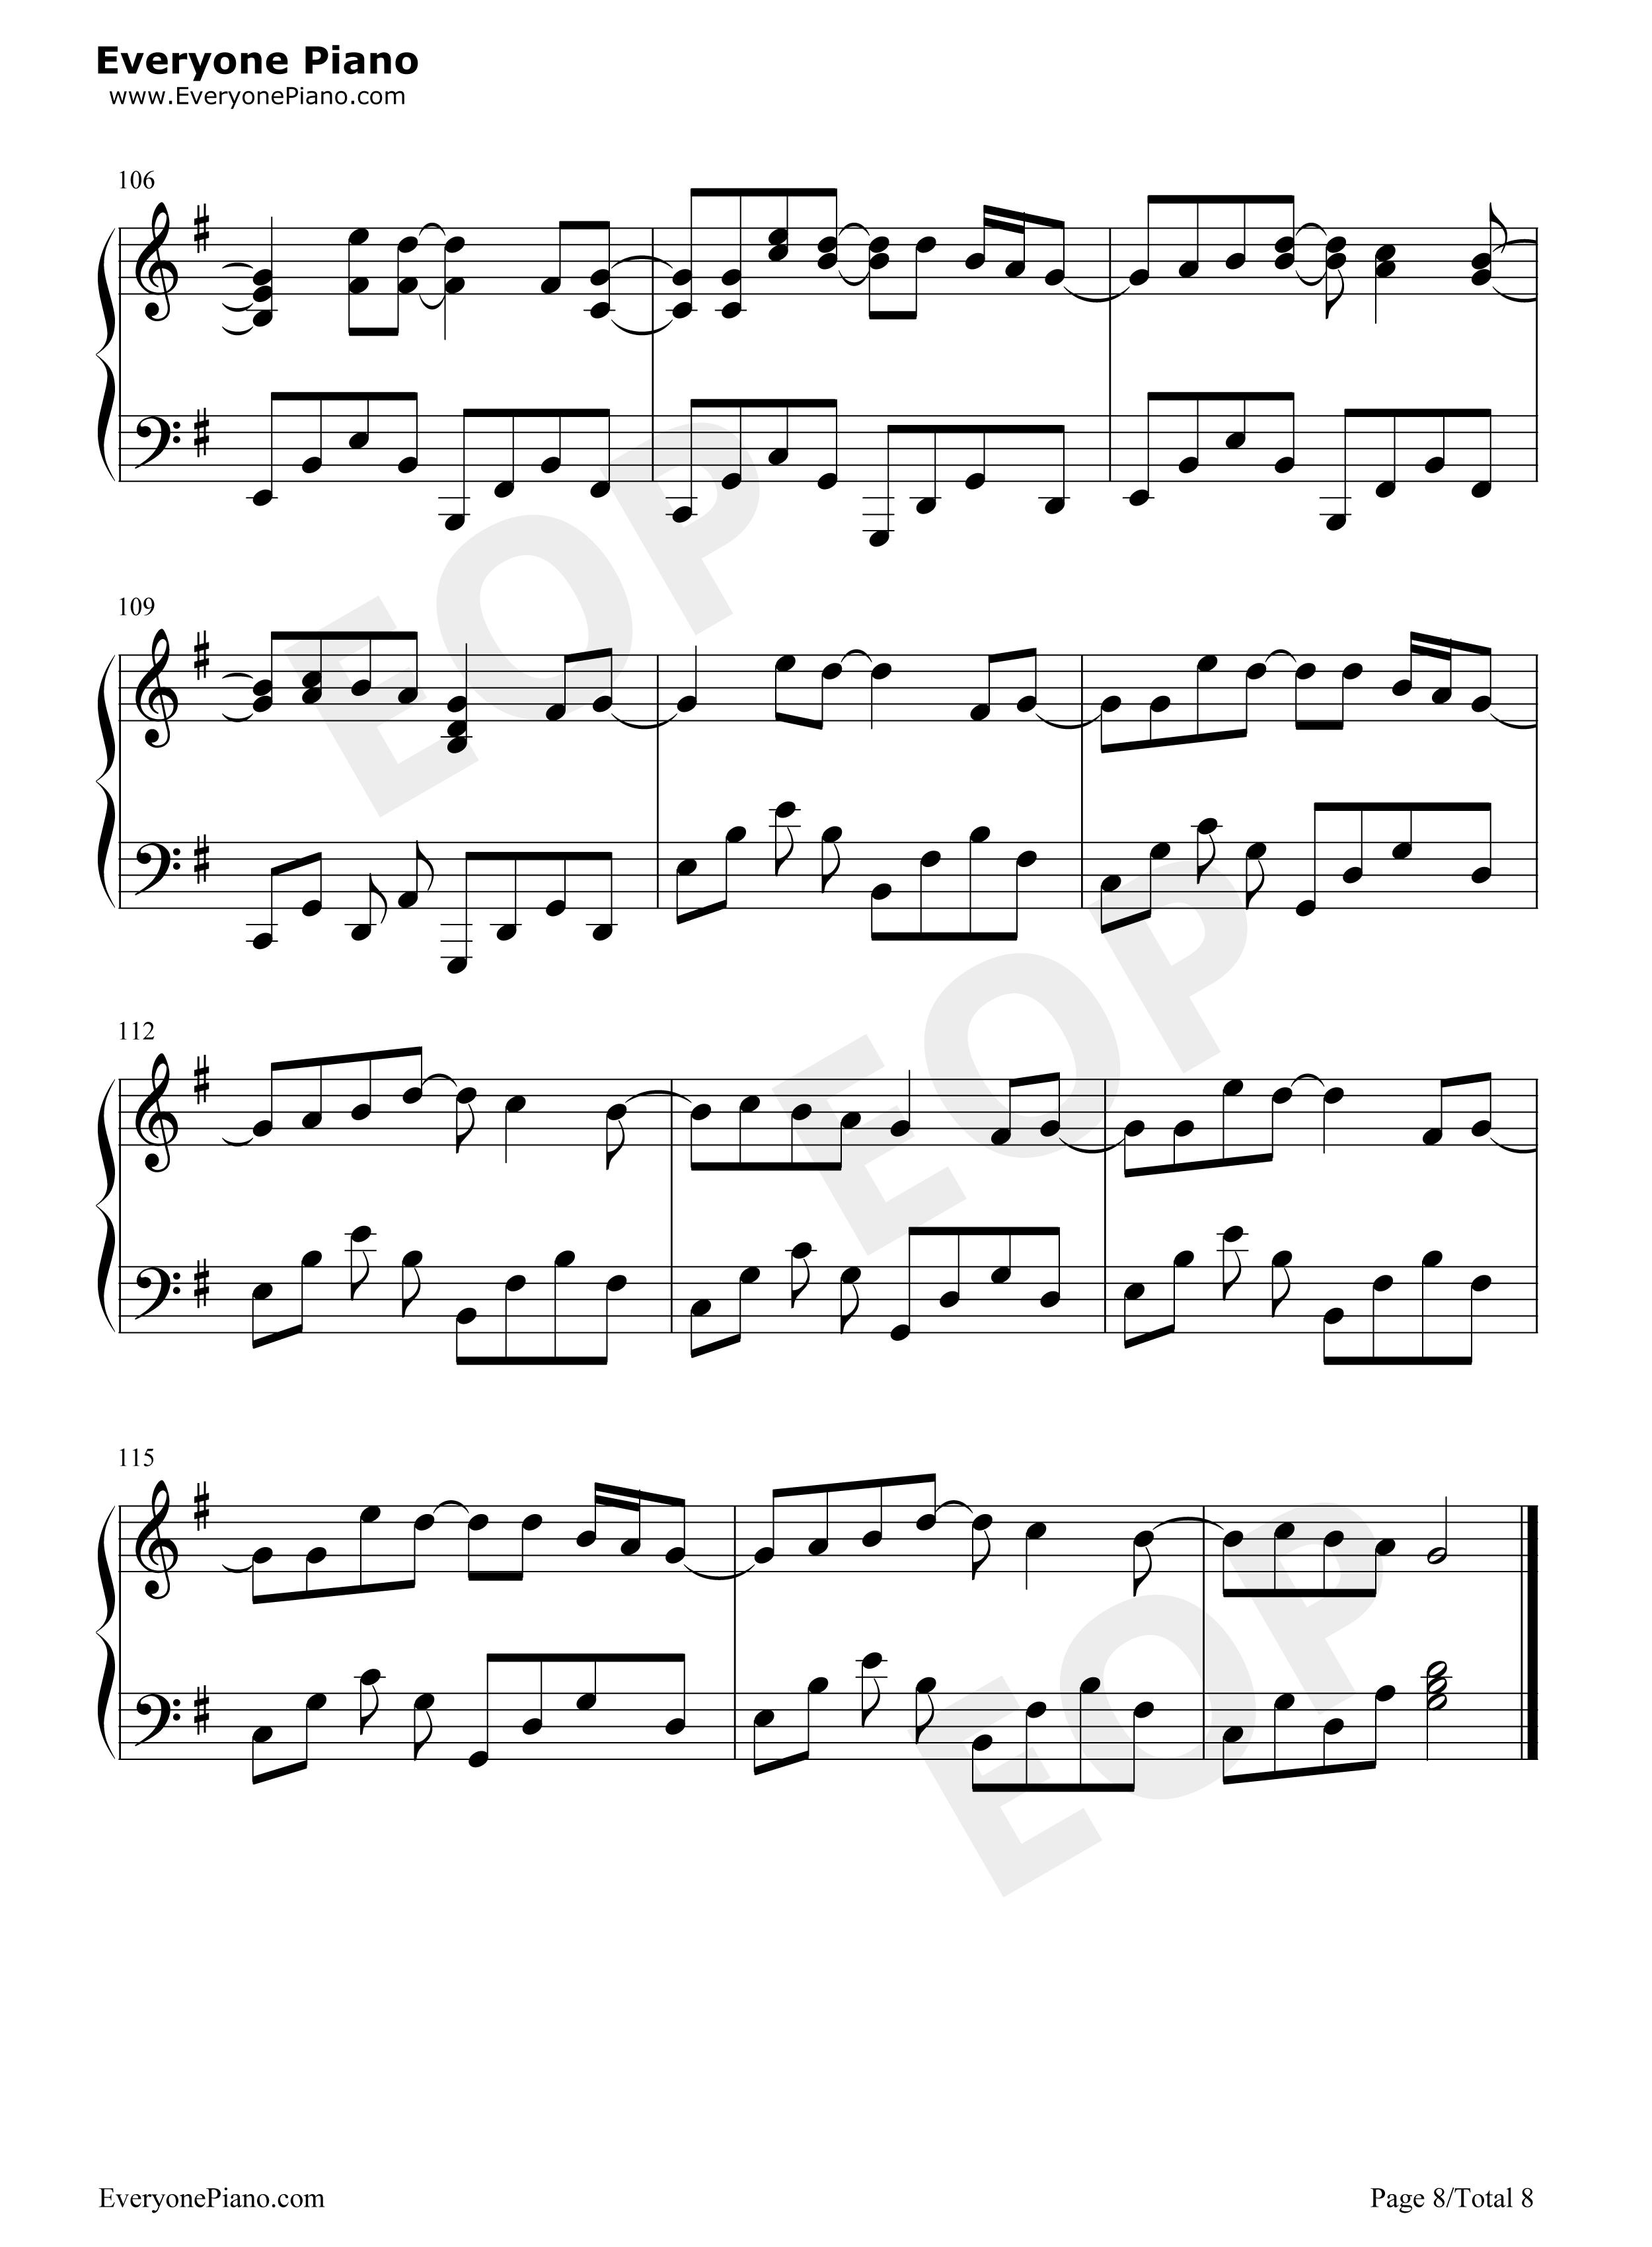 ダブル ラリアット 楽譜